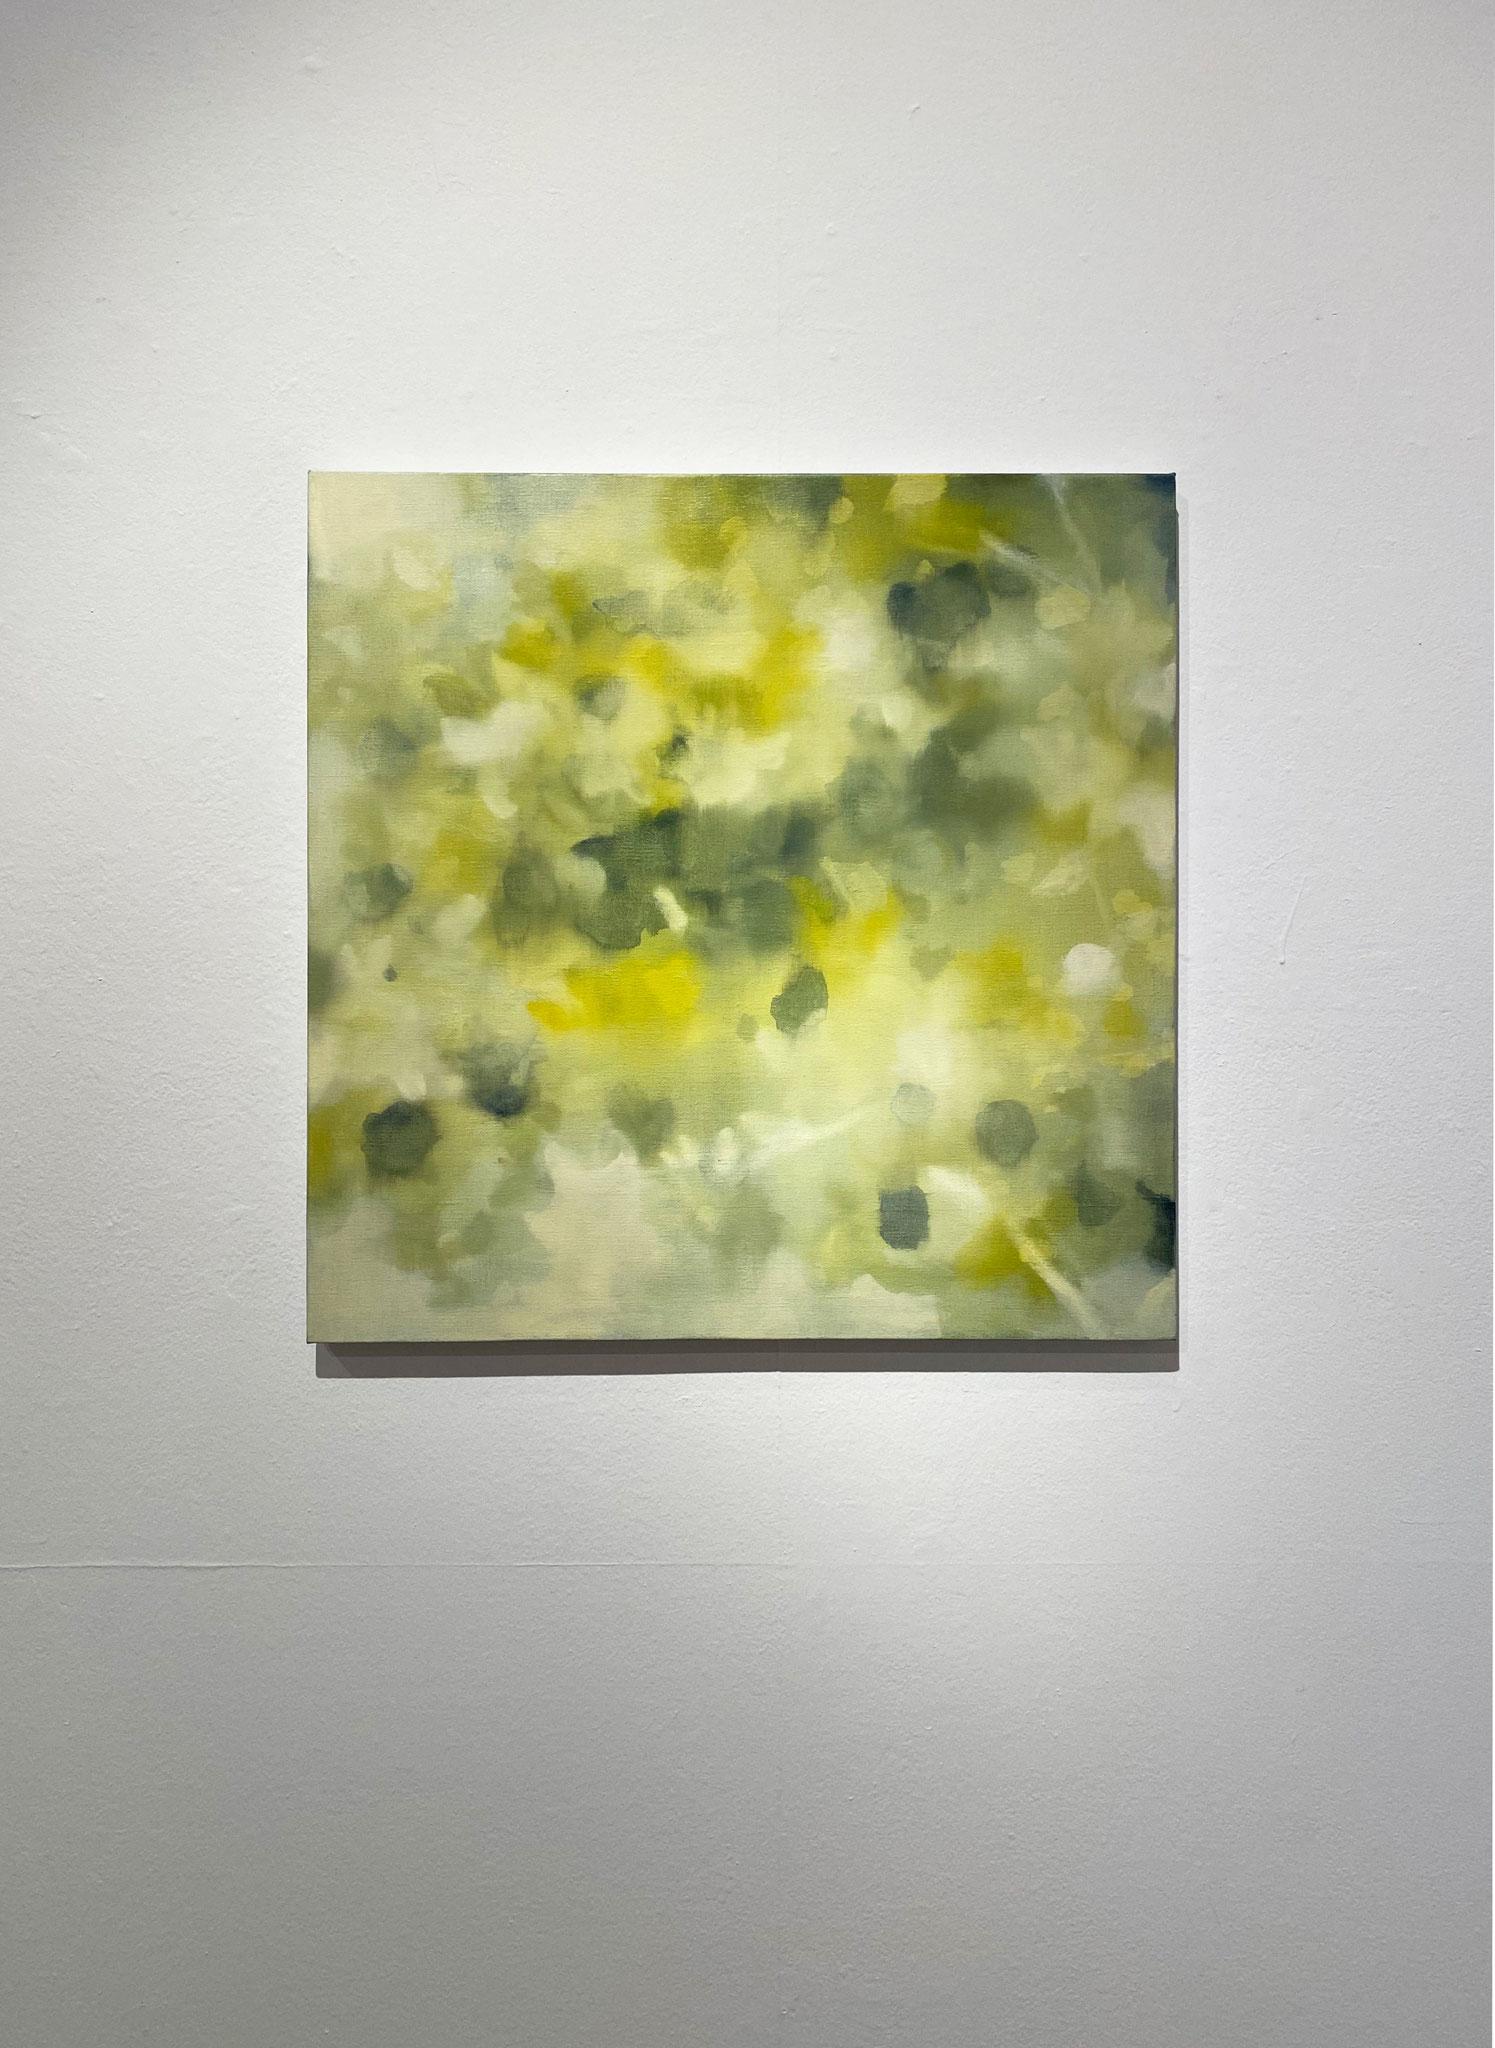 みずいのるかたへ,530×530,キャンバス、油彩,2020